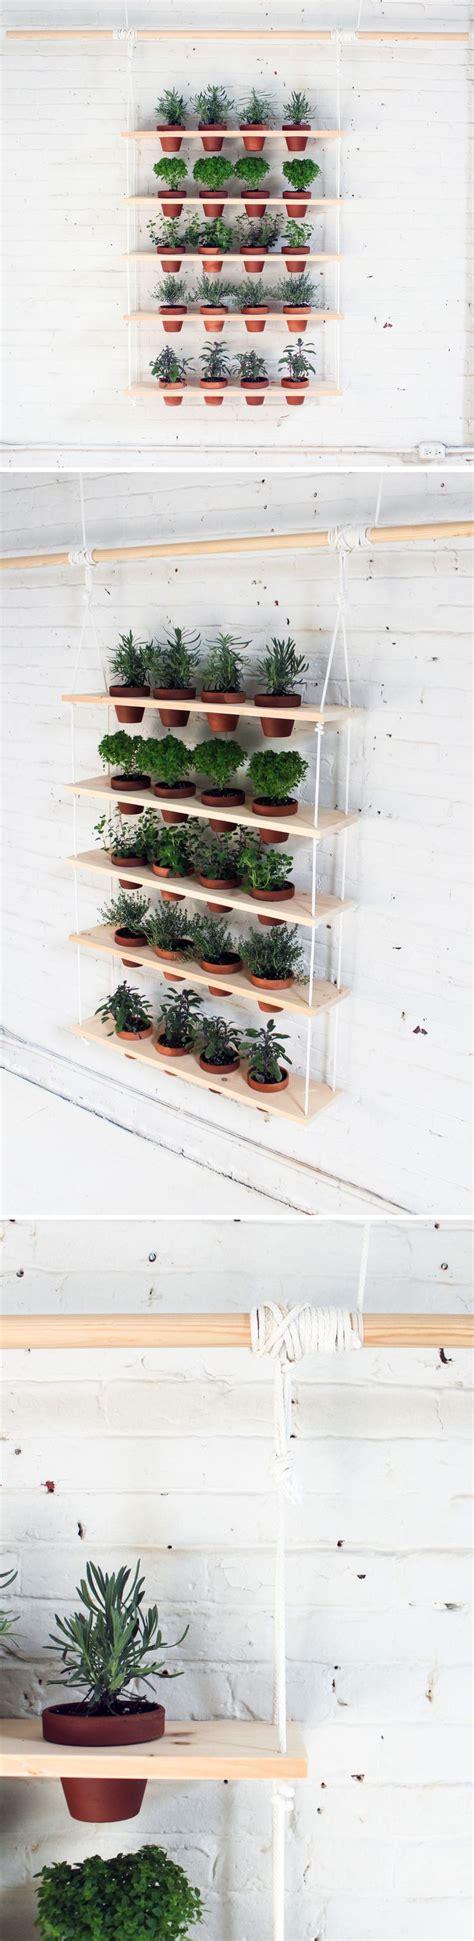 best 25 diy vertical garden ideas on